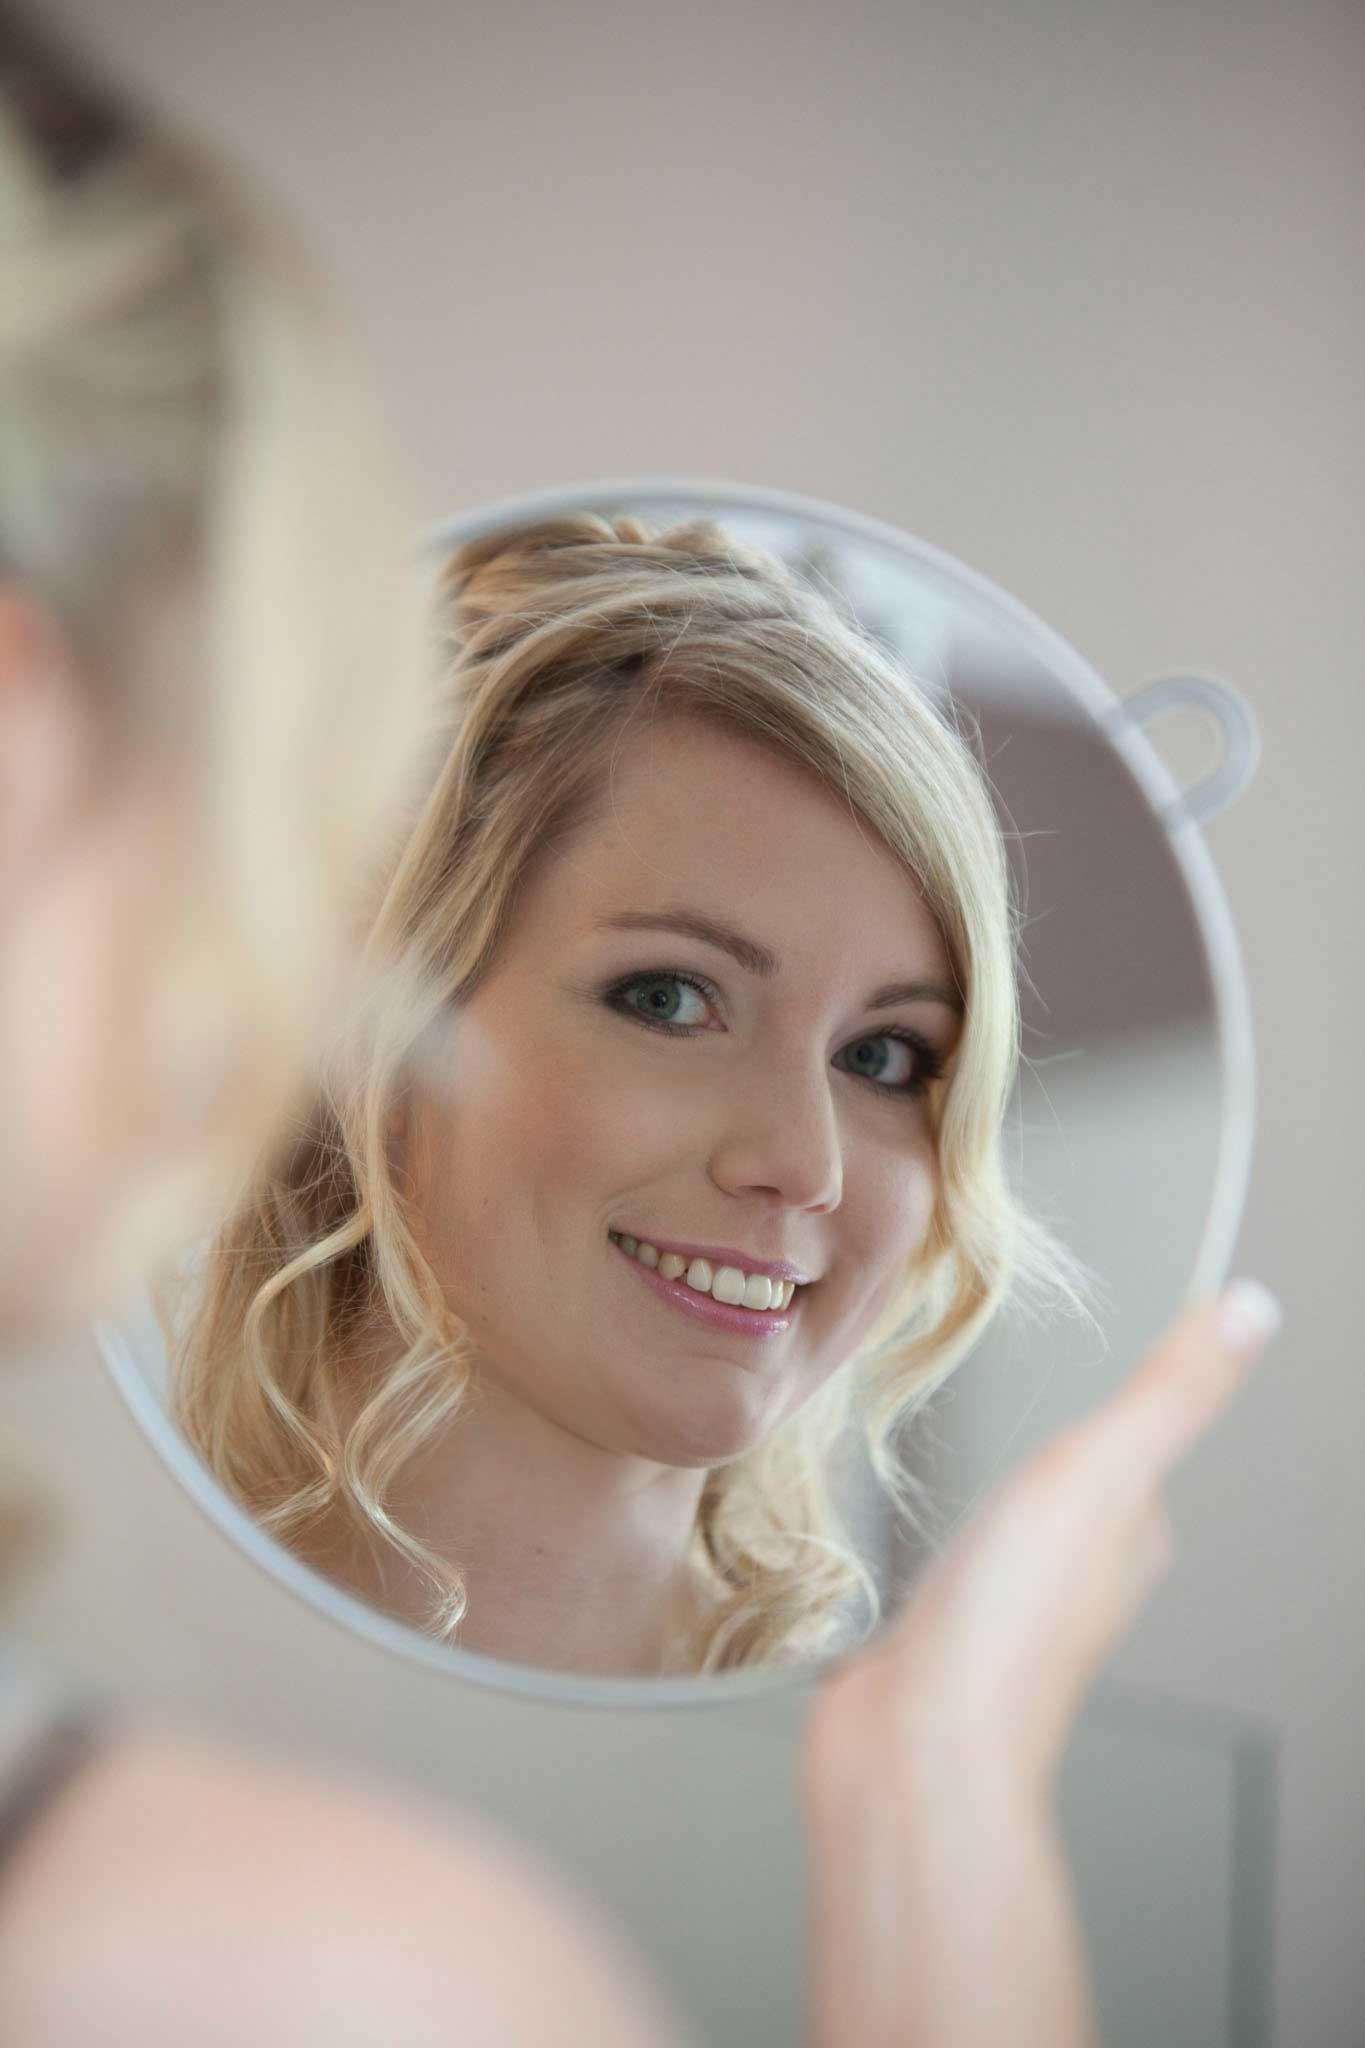 Die Braut sieht sich in einem runden Spiegel an.